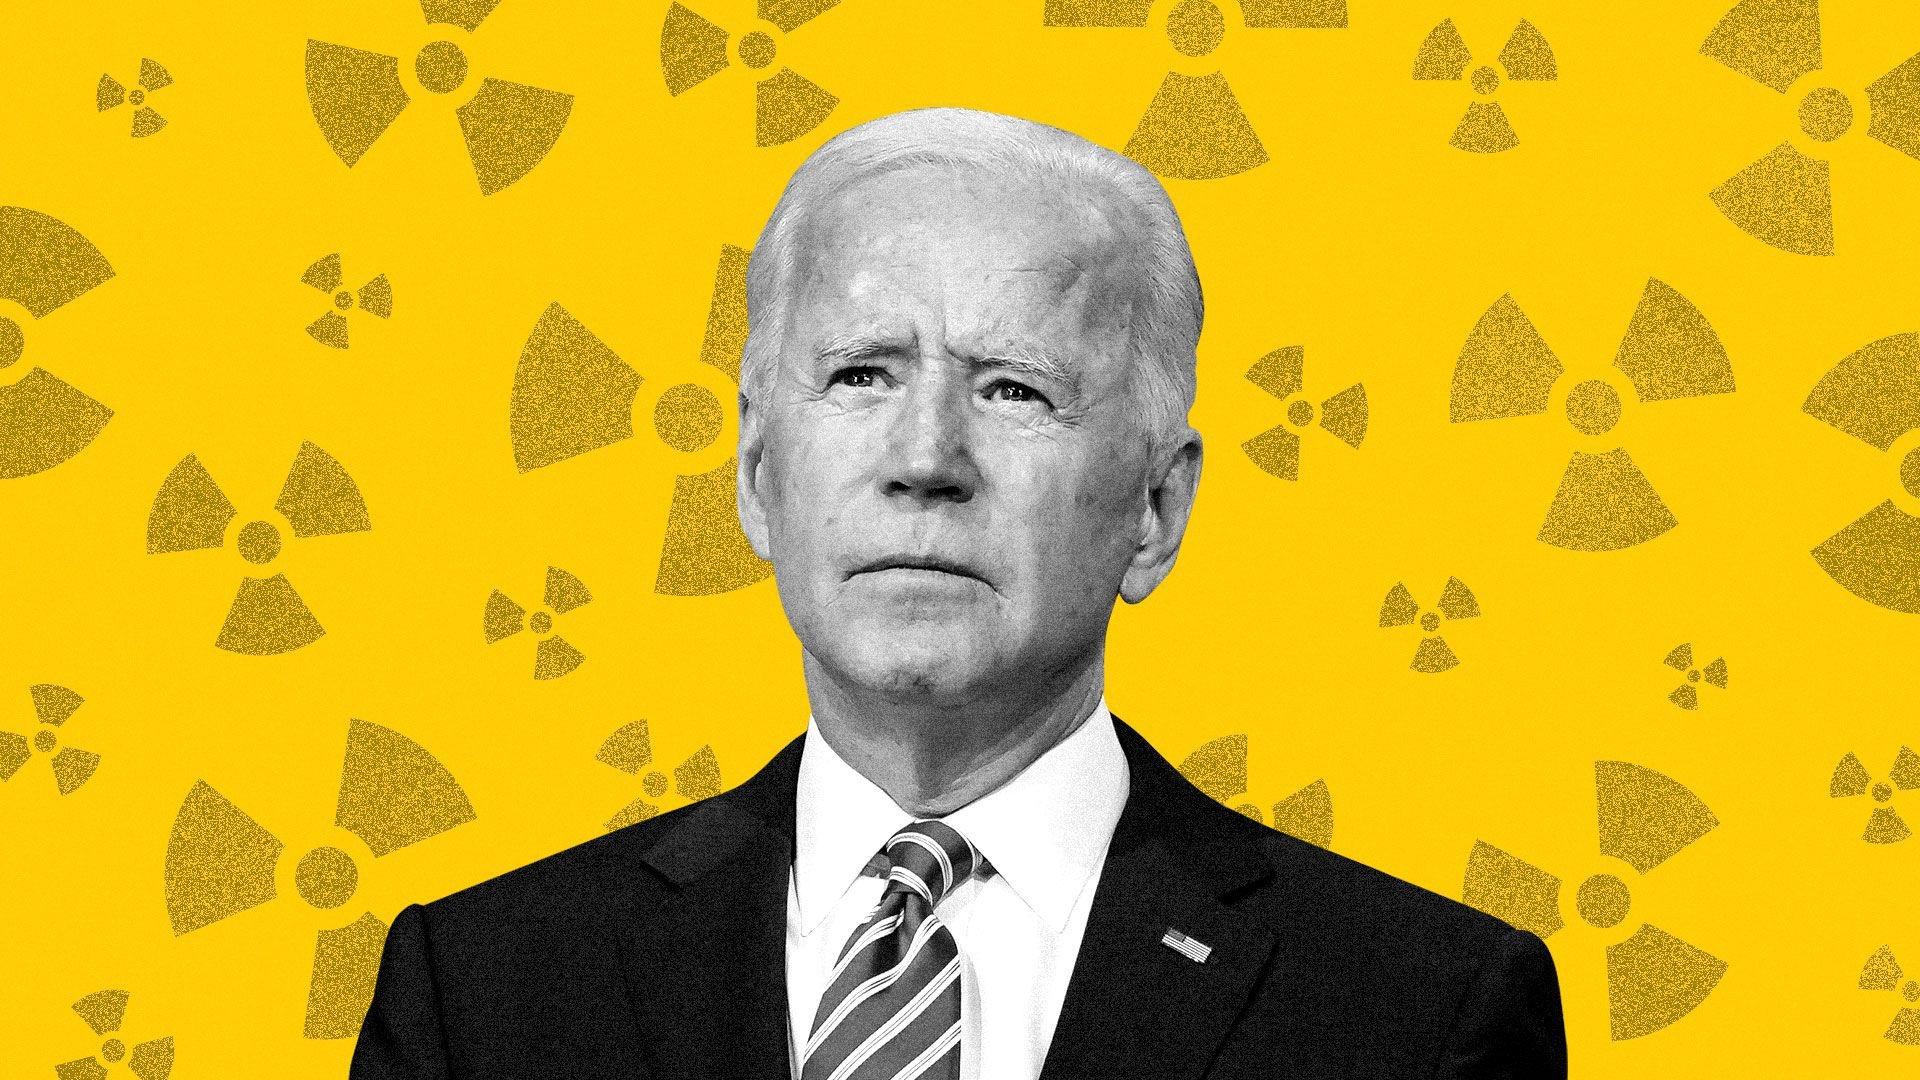 Ông Biden muốn giảm mạnh chi tiêu cho vũ khí hạt nhân của Mỹ